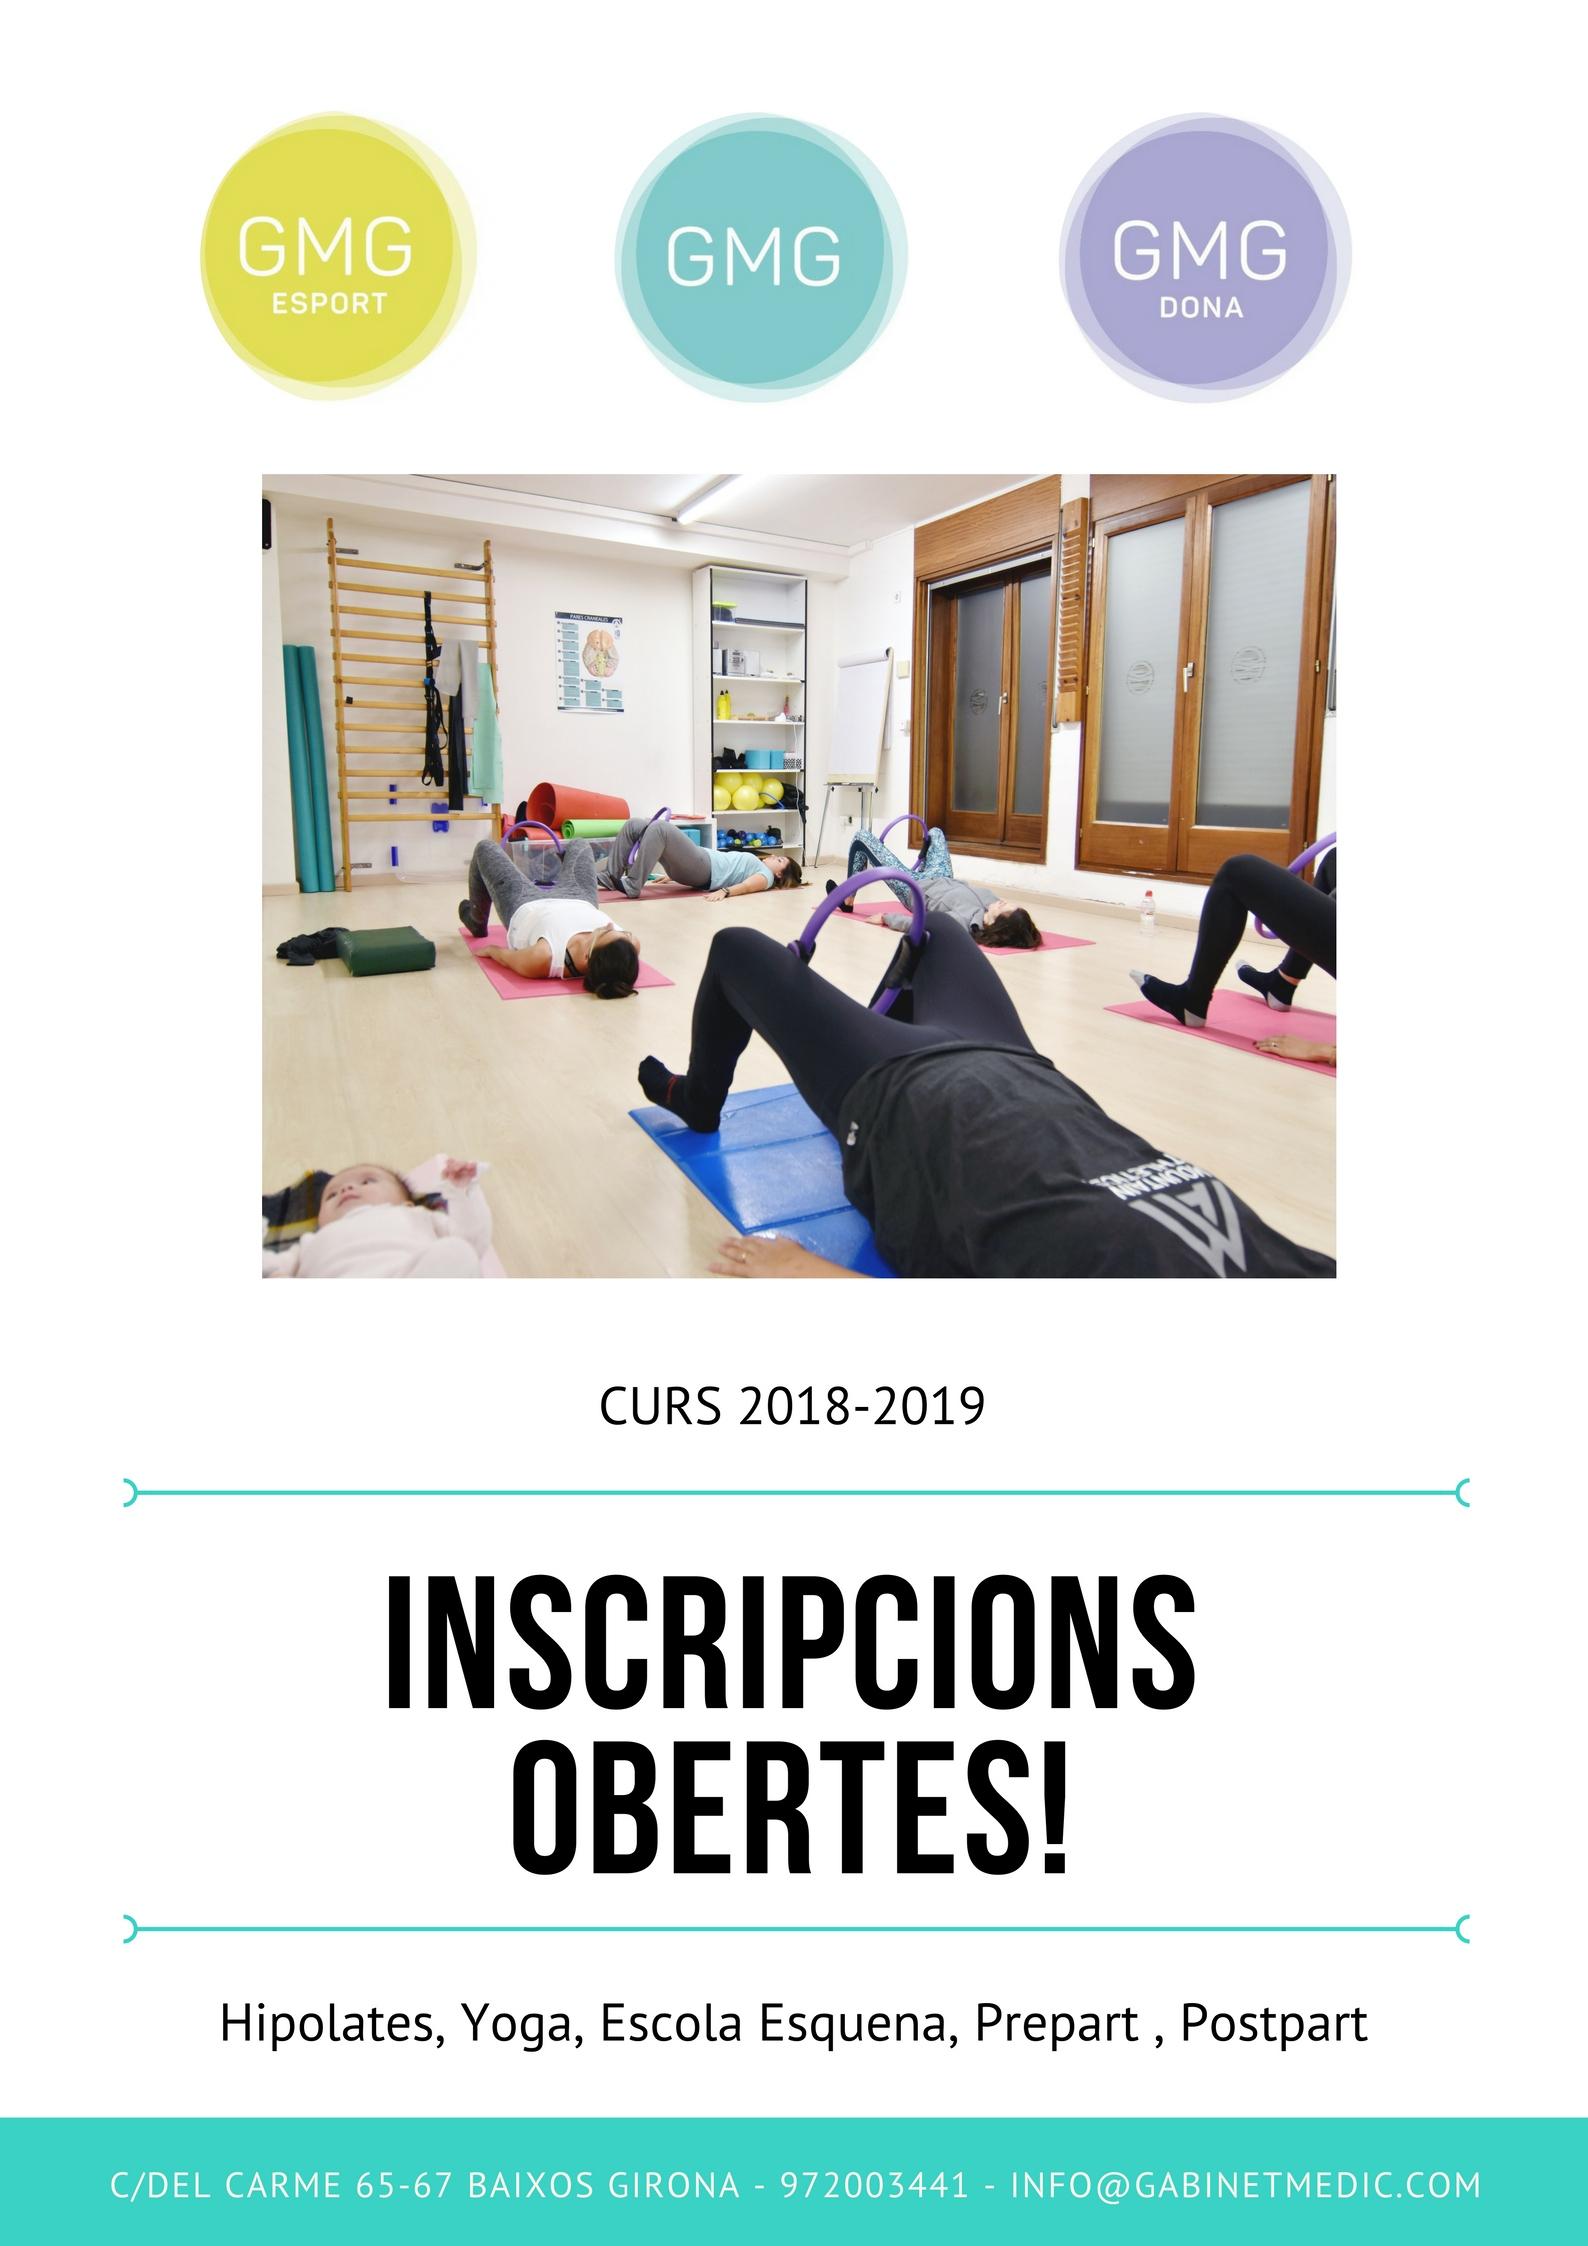 INSCRIPCIONS OBERTES CURS 2018-2019 !!!